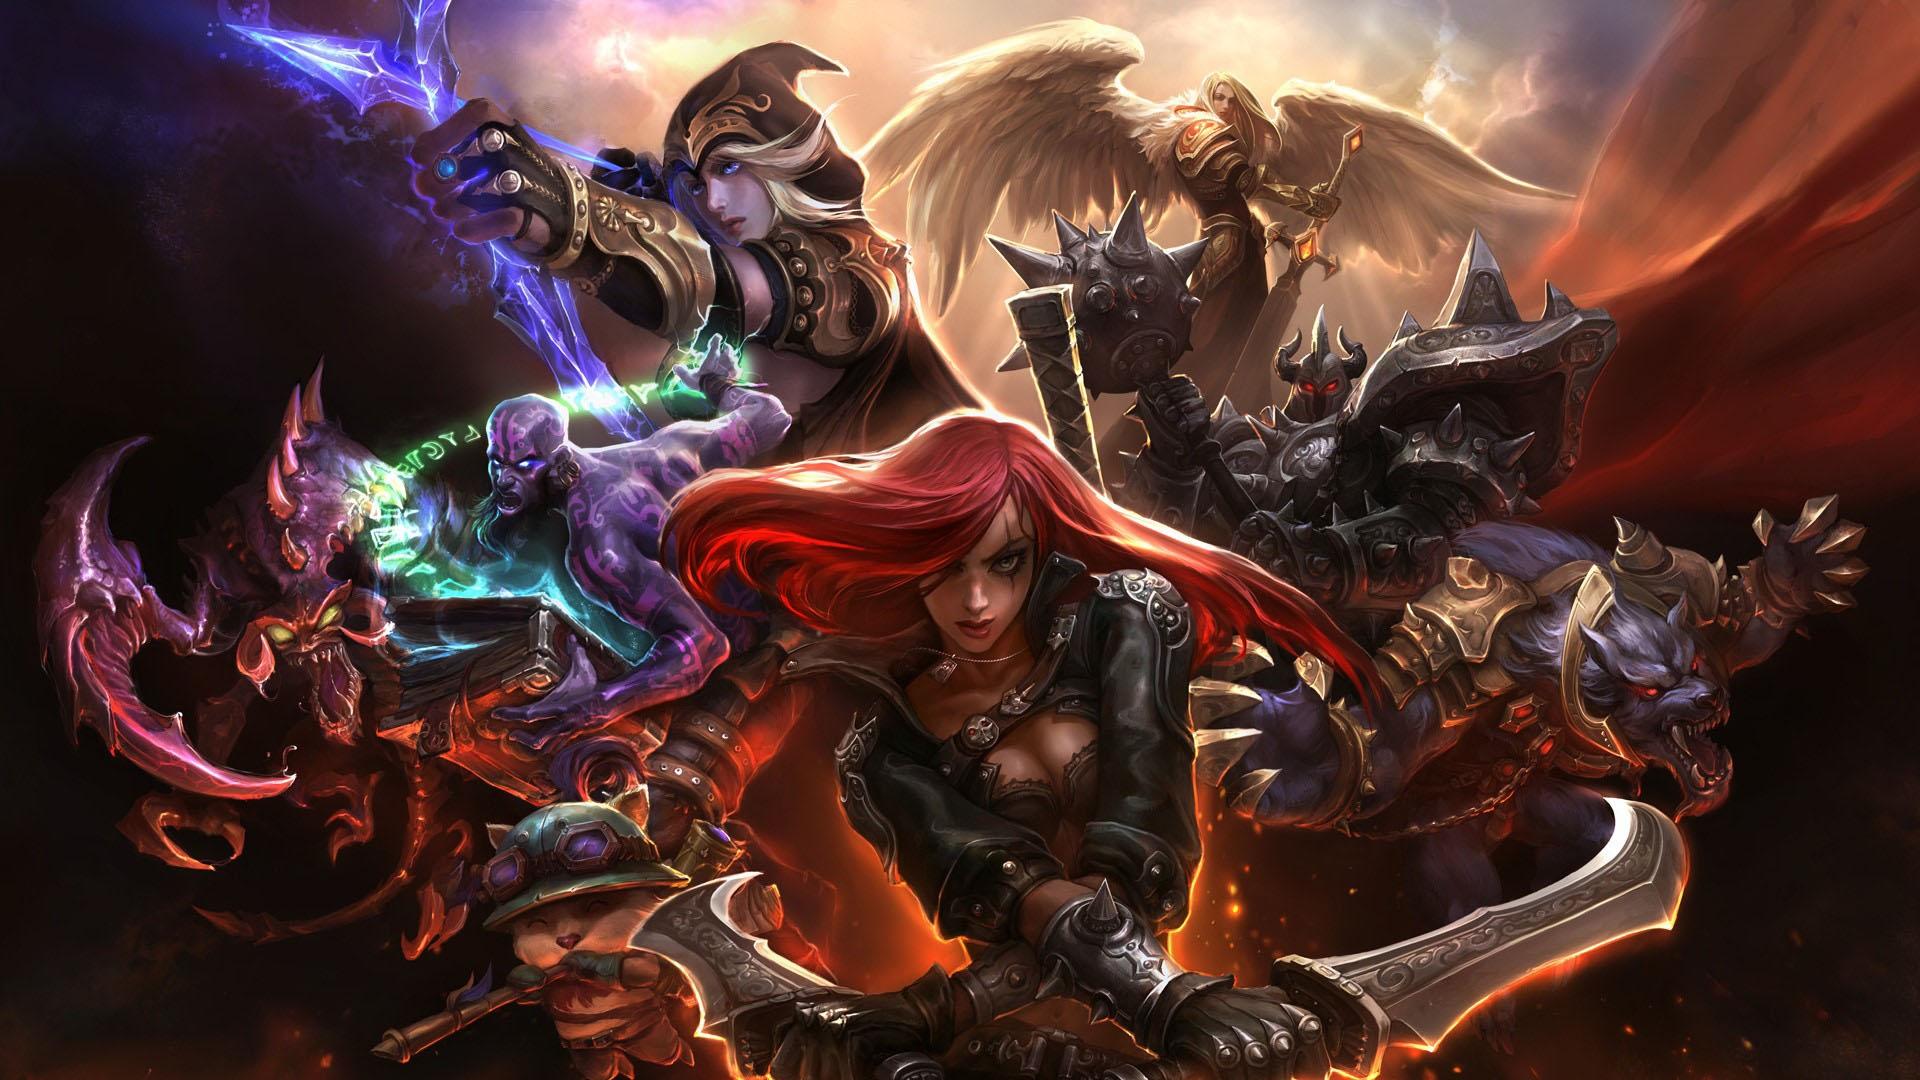 league of legends images